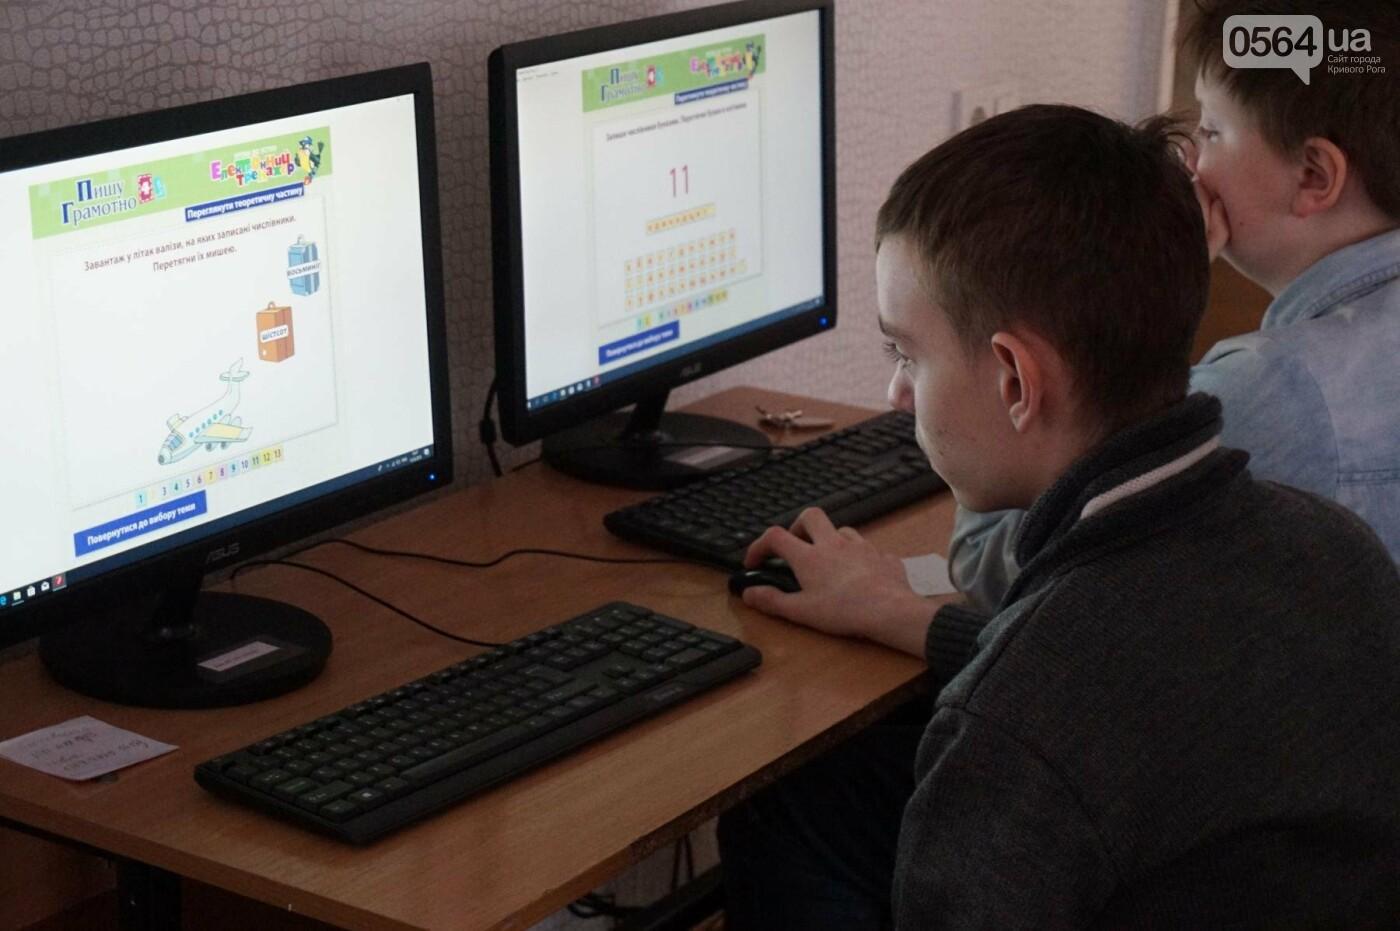 Приближаясь к Европе: Как в школах Кривого Рога внедряют инклюзию (ФОТО), фото-31